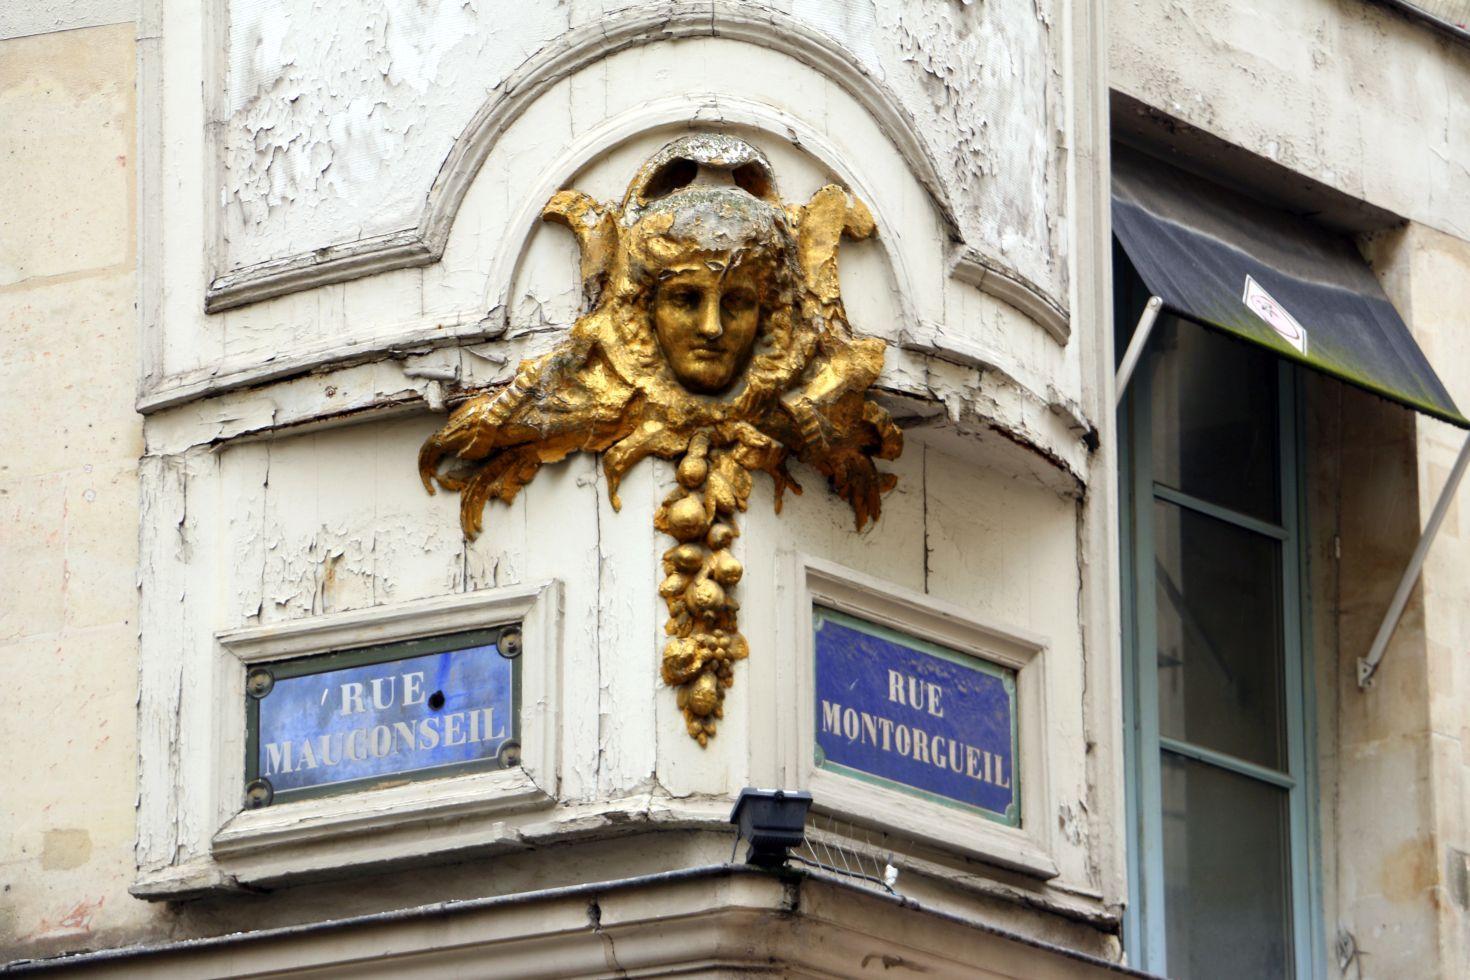 רחוב מונטורגיי. מהאזורים המרתקים ברובע הראשון והשני של פריז